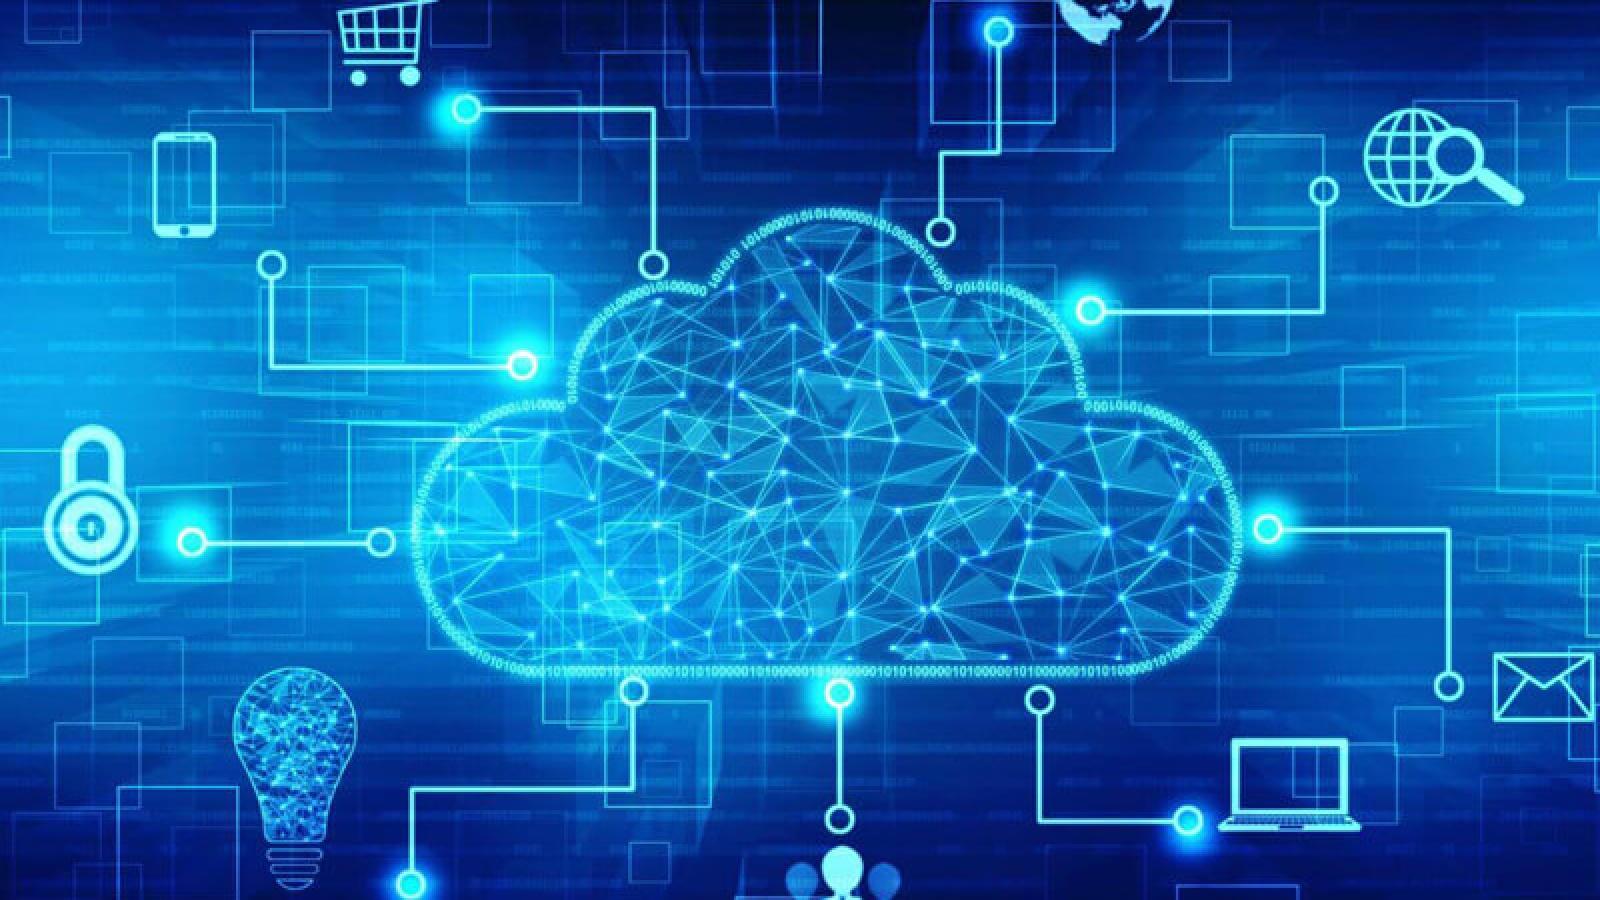 Thúc đẩy chuyển đổi số bằng công nghệ điện toán đám mây